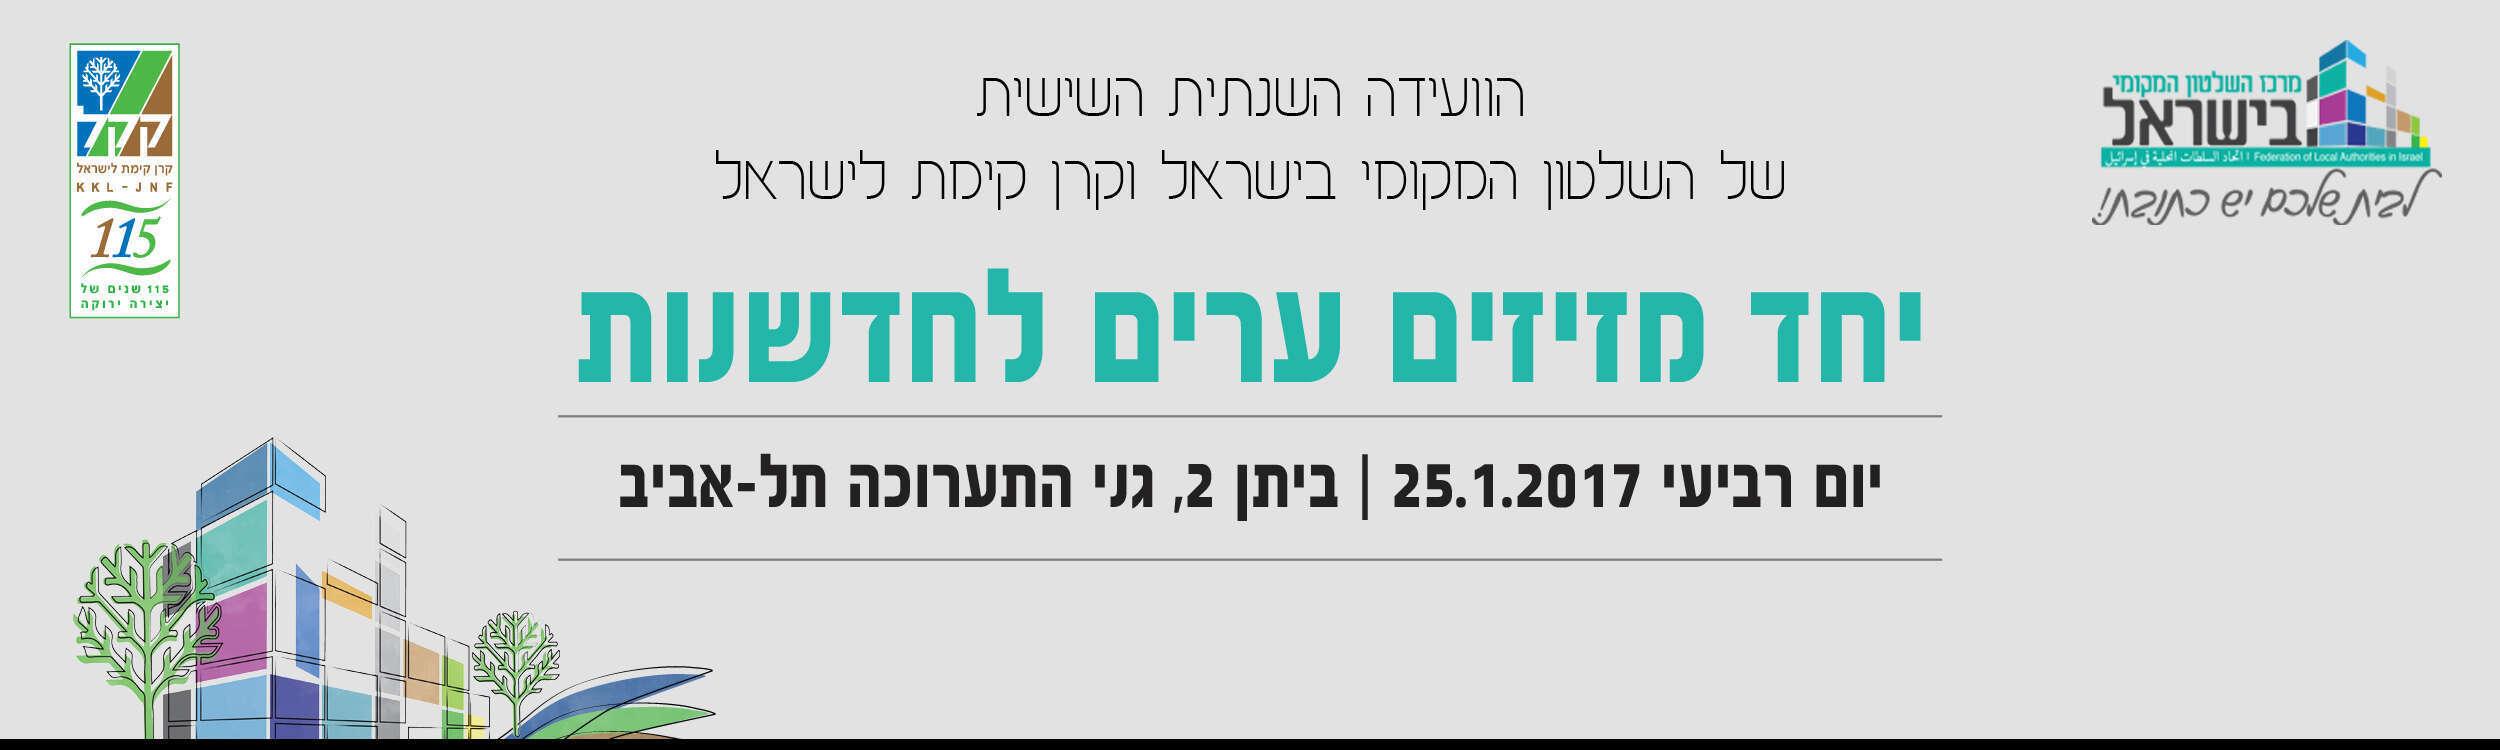 ועידת השלטון המקומי וקרן קימת לישראל 2017